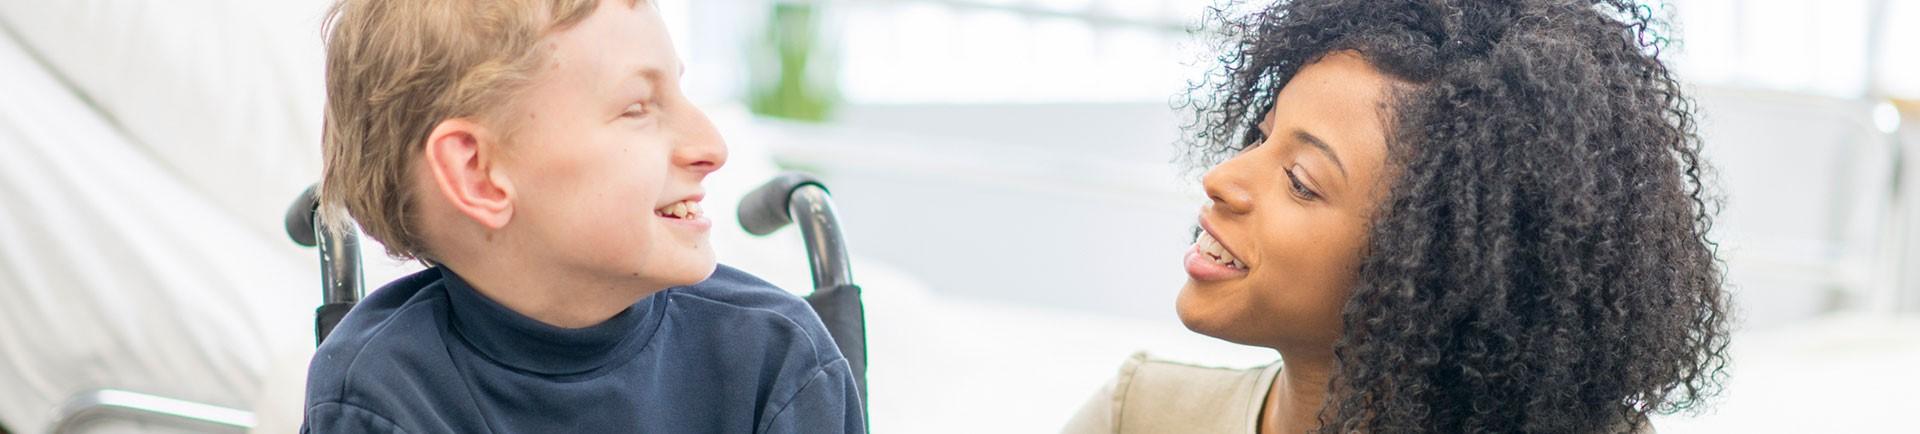 Plano de perfil de uma jovem e de uma criança em cadeira de rodas a conversarem